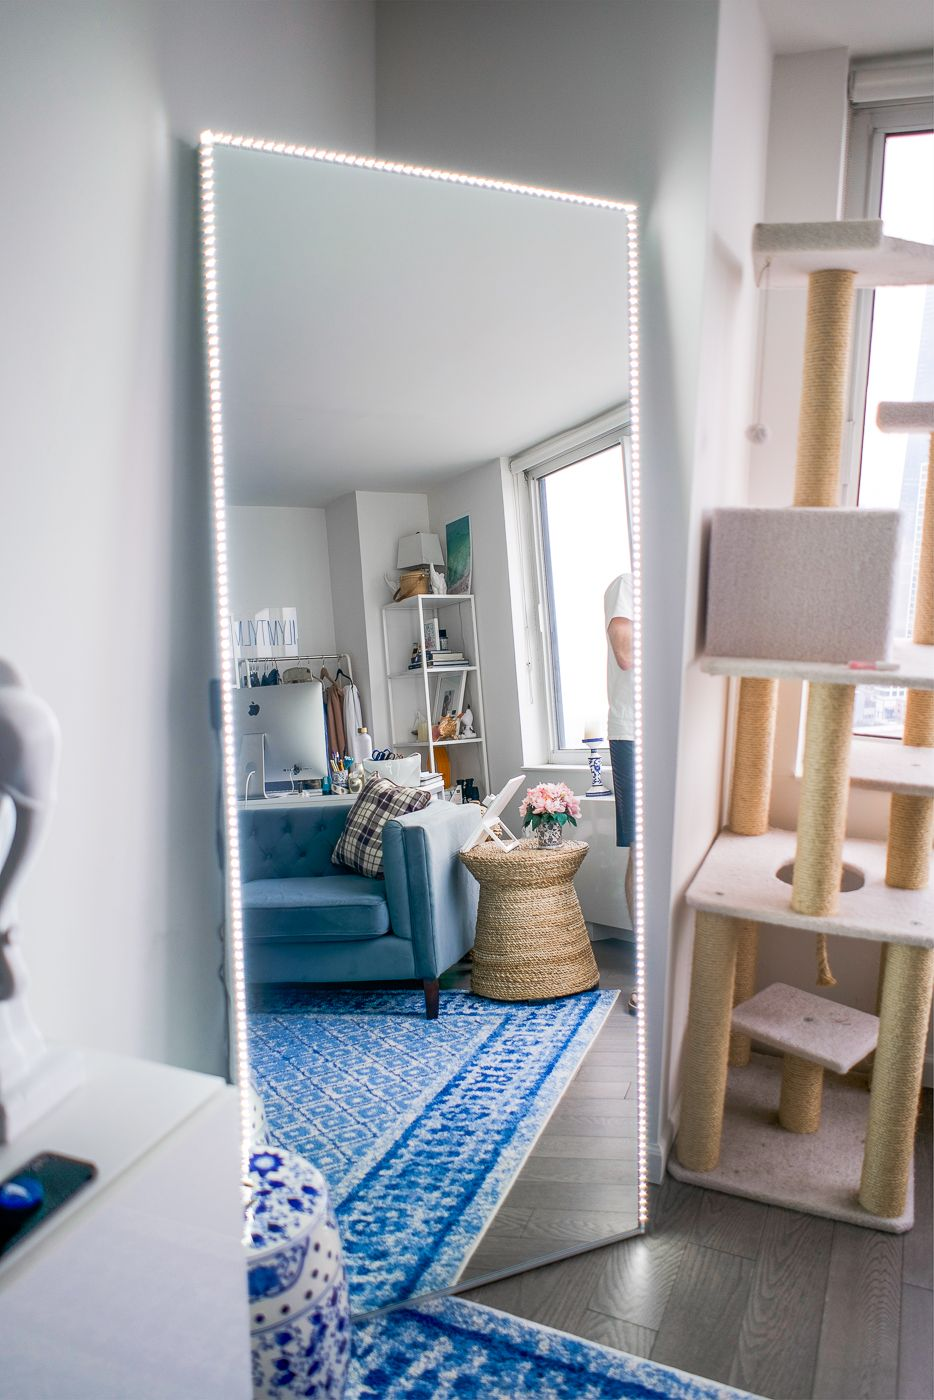 Diy A Full Length Led Light Mirror For